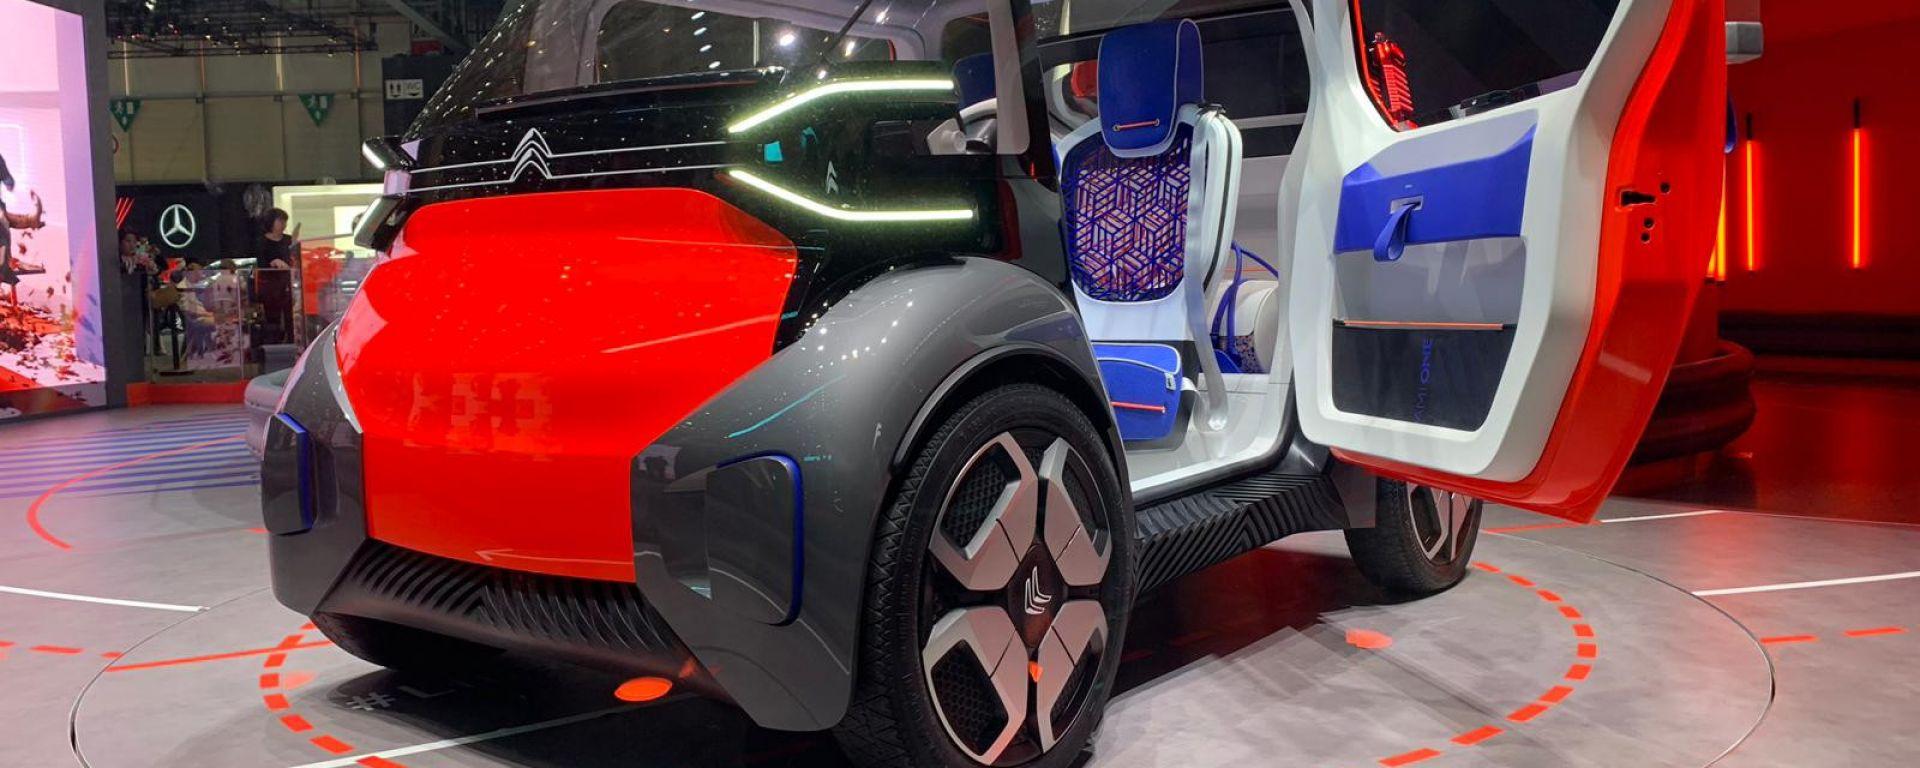 Citroen Ami One Concept, la citycar elettrica del futuro